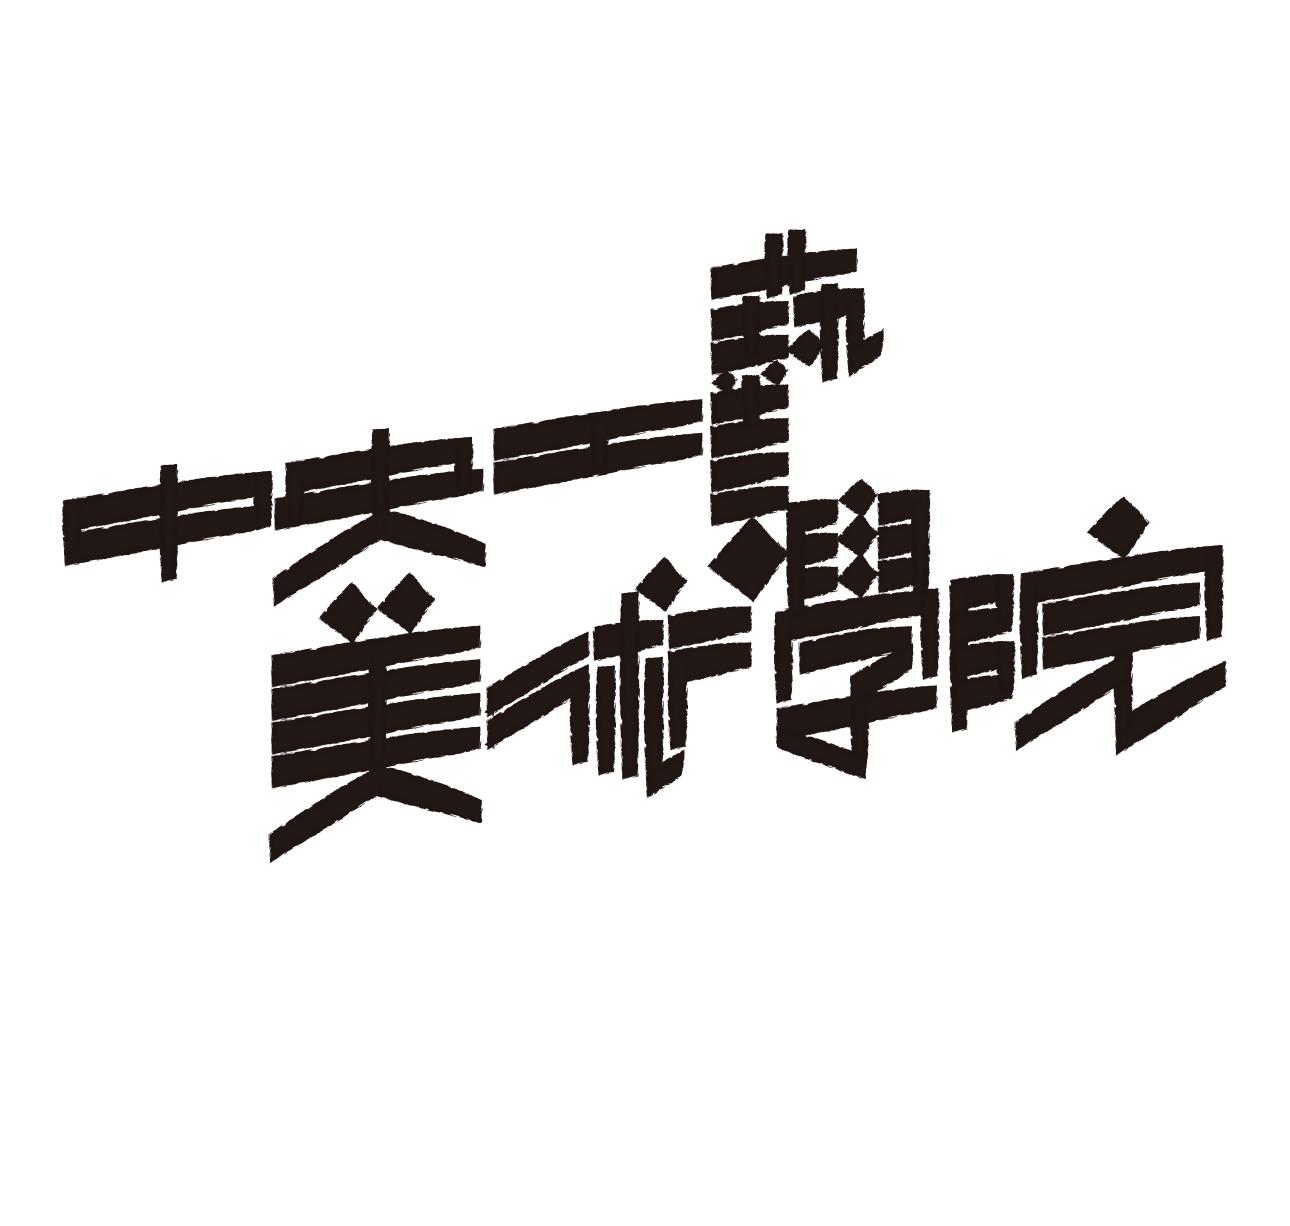 【岳昕字体设计专栏】——创意字体设计(三十) 每周更新